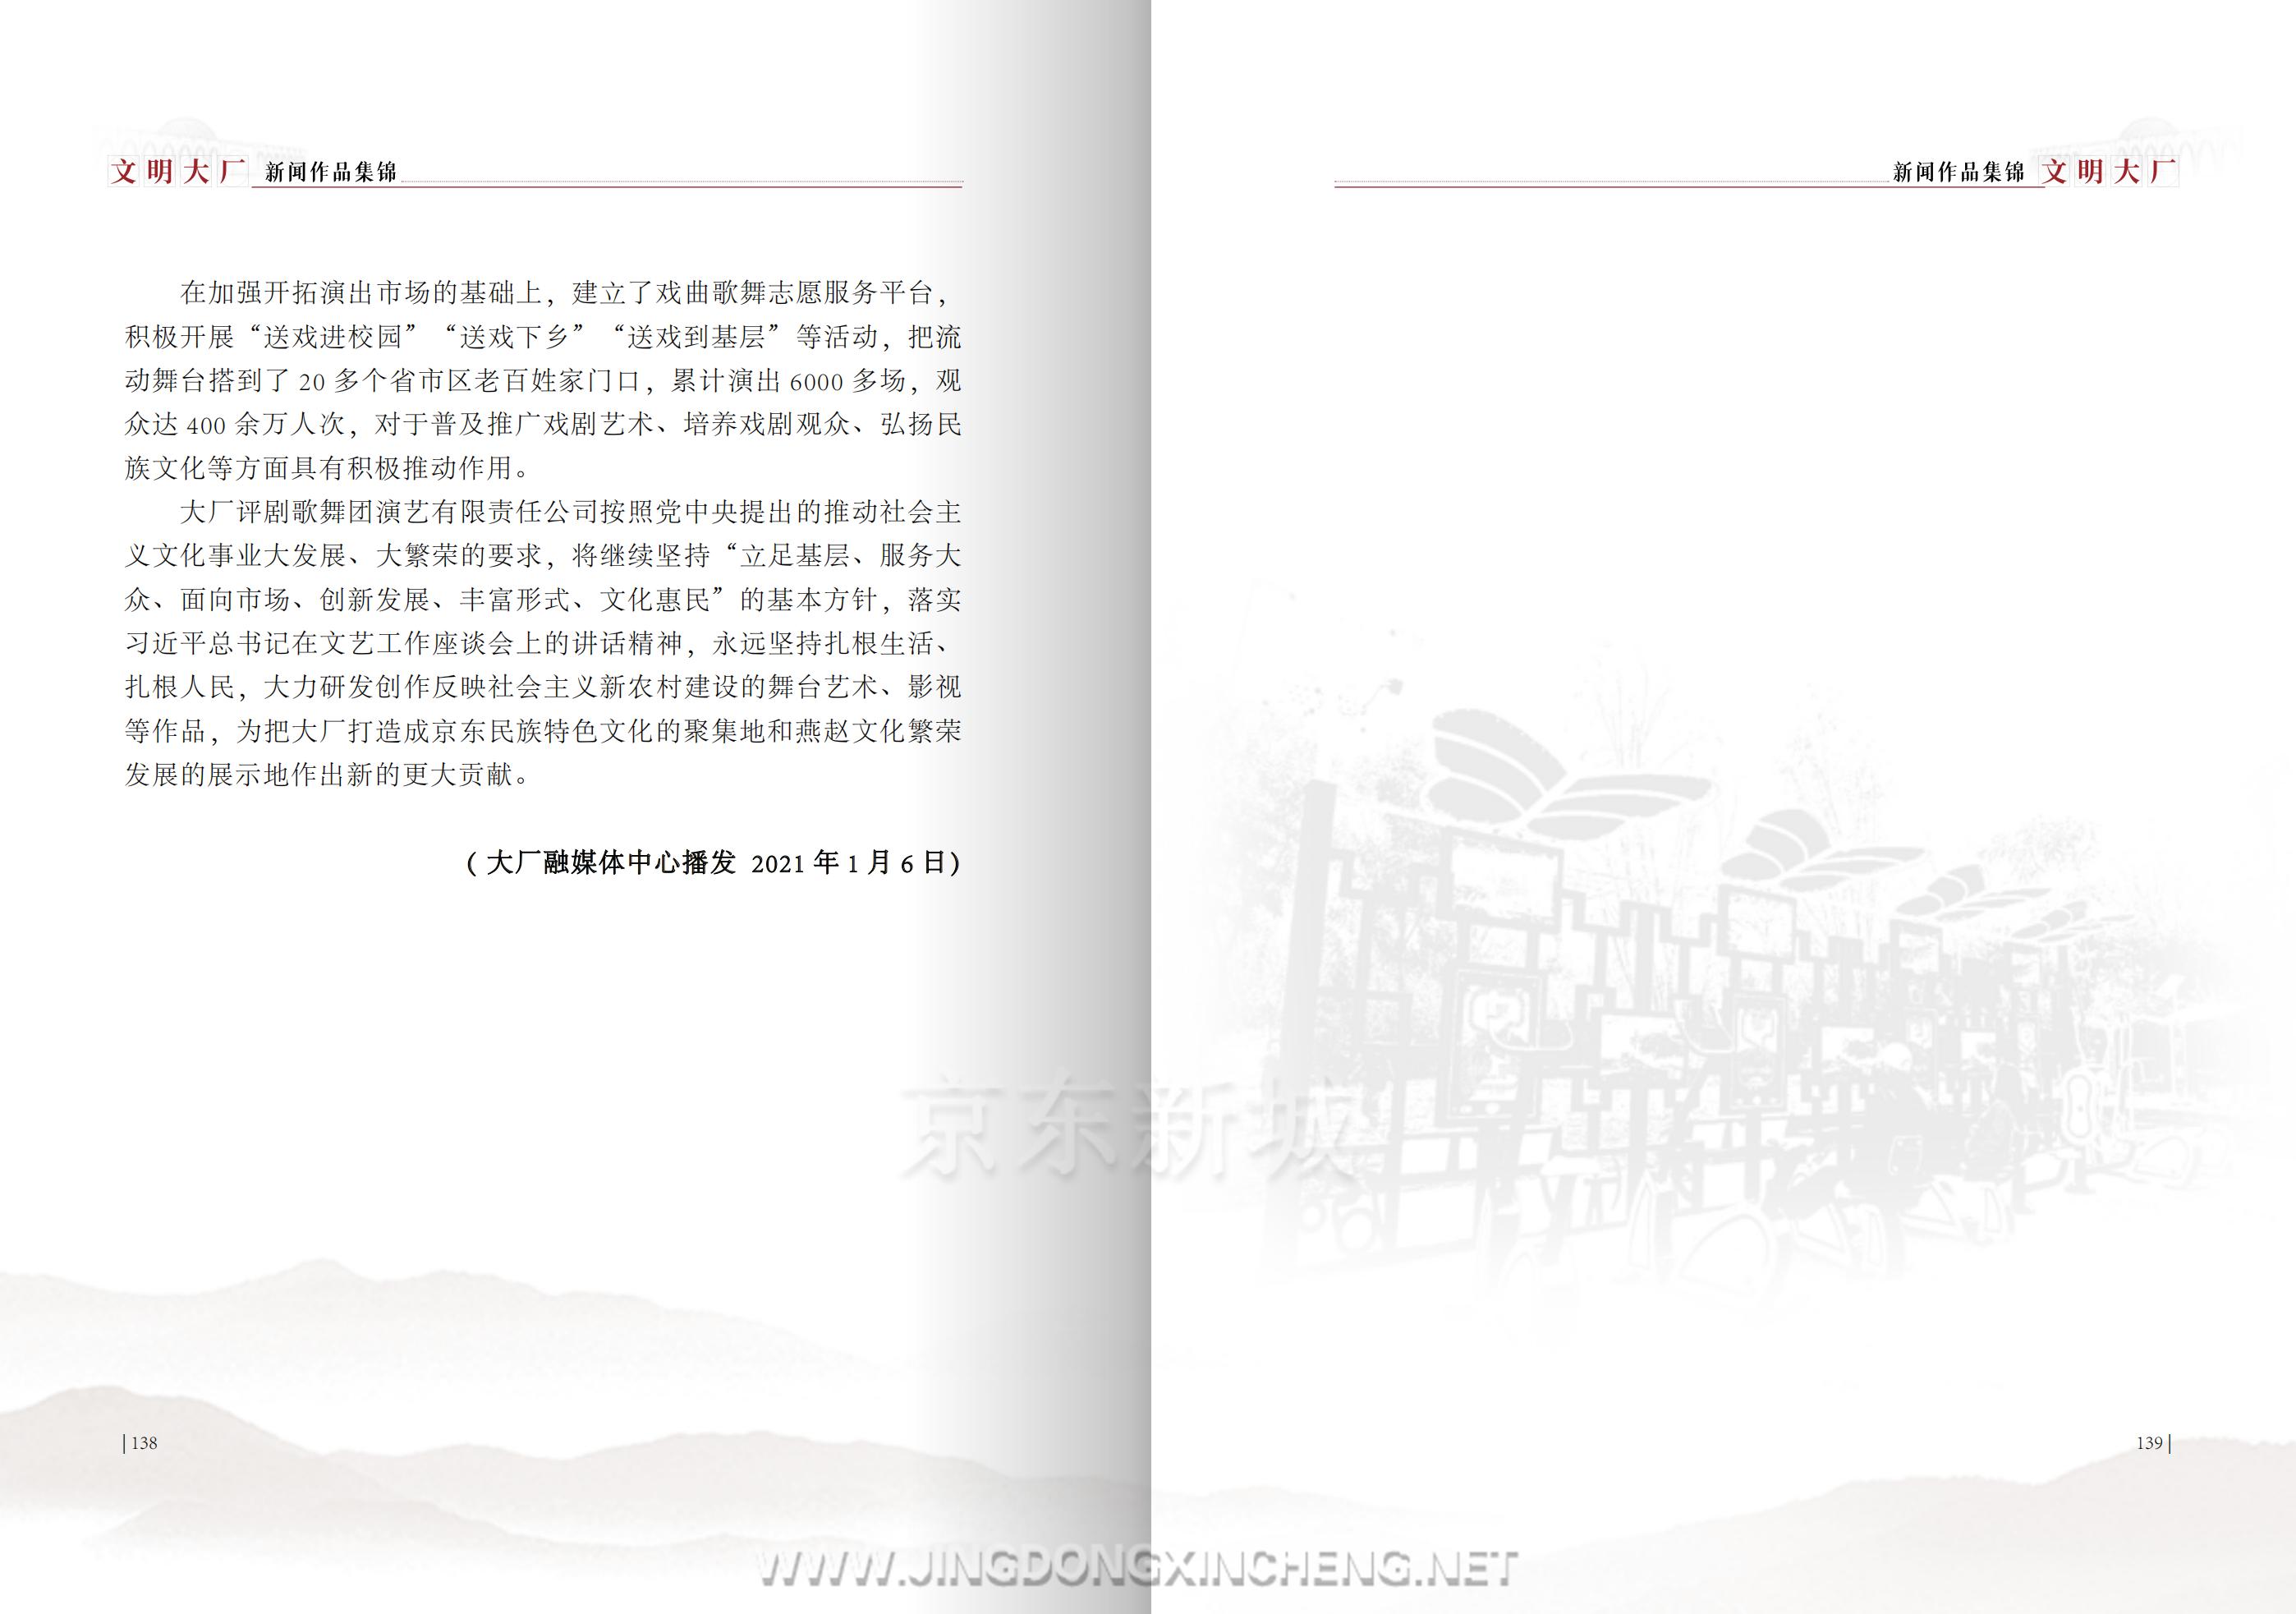 文明大厂书籍-定稿-上传版_73.png